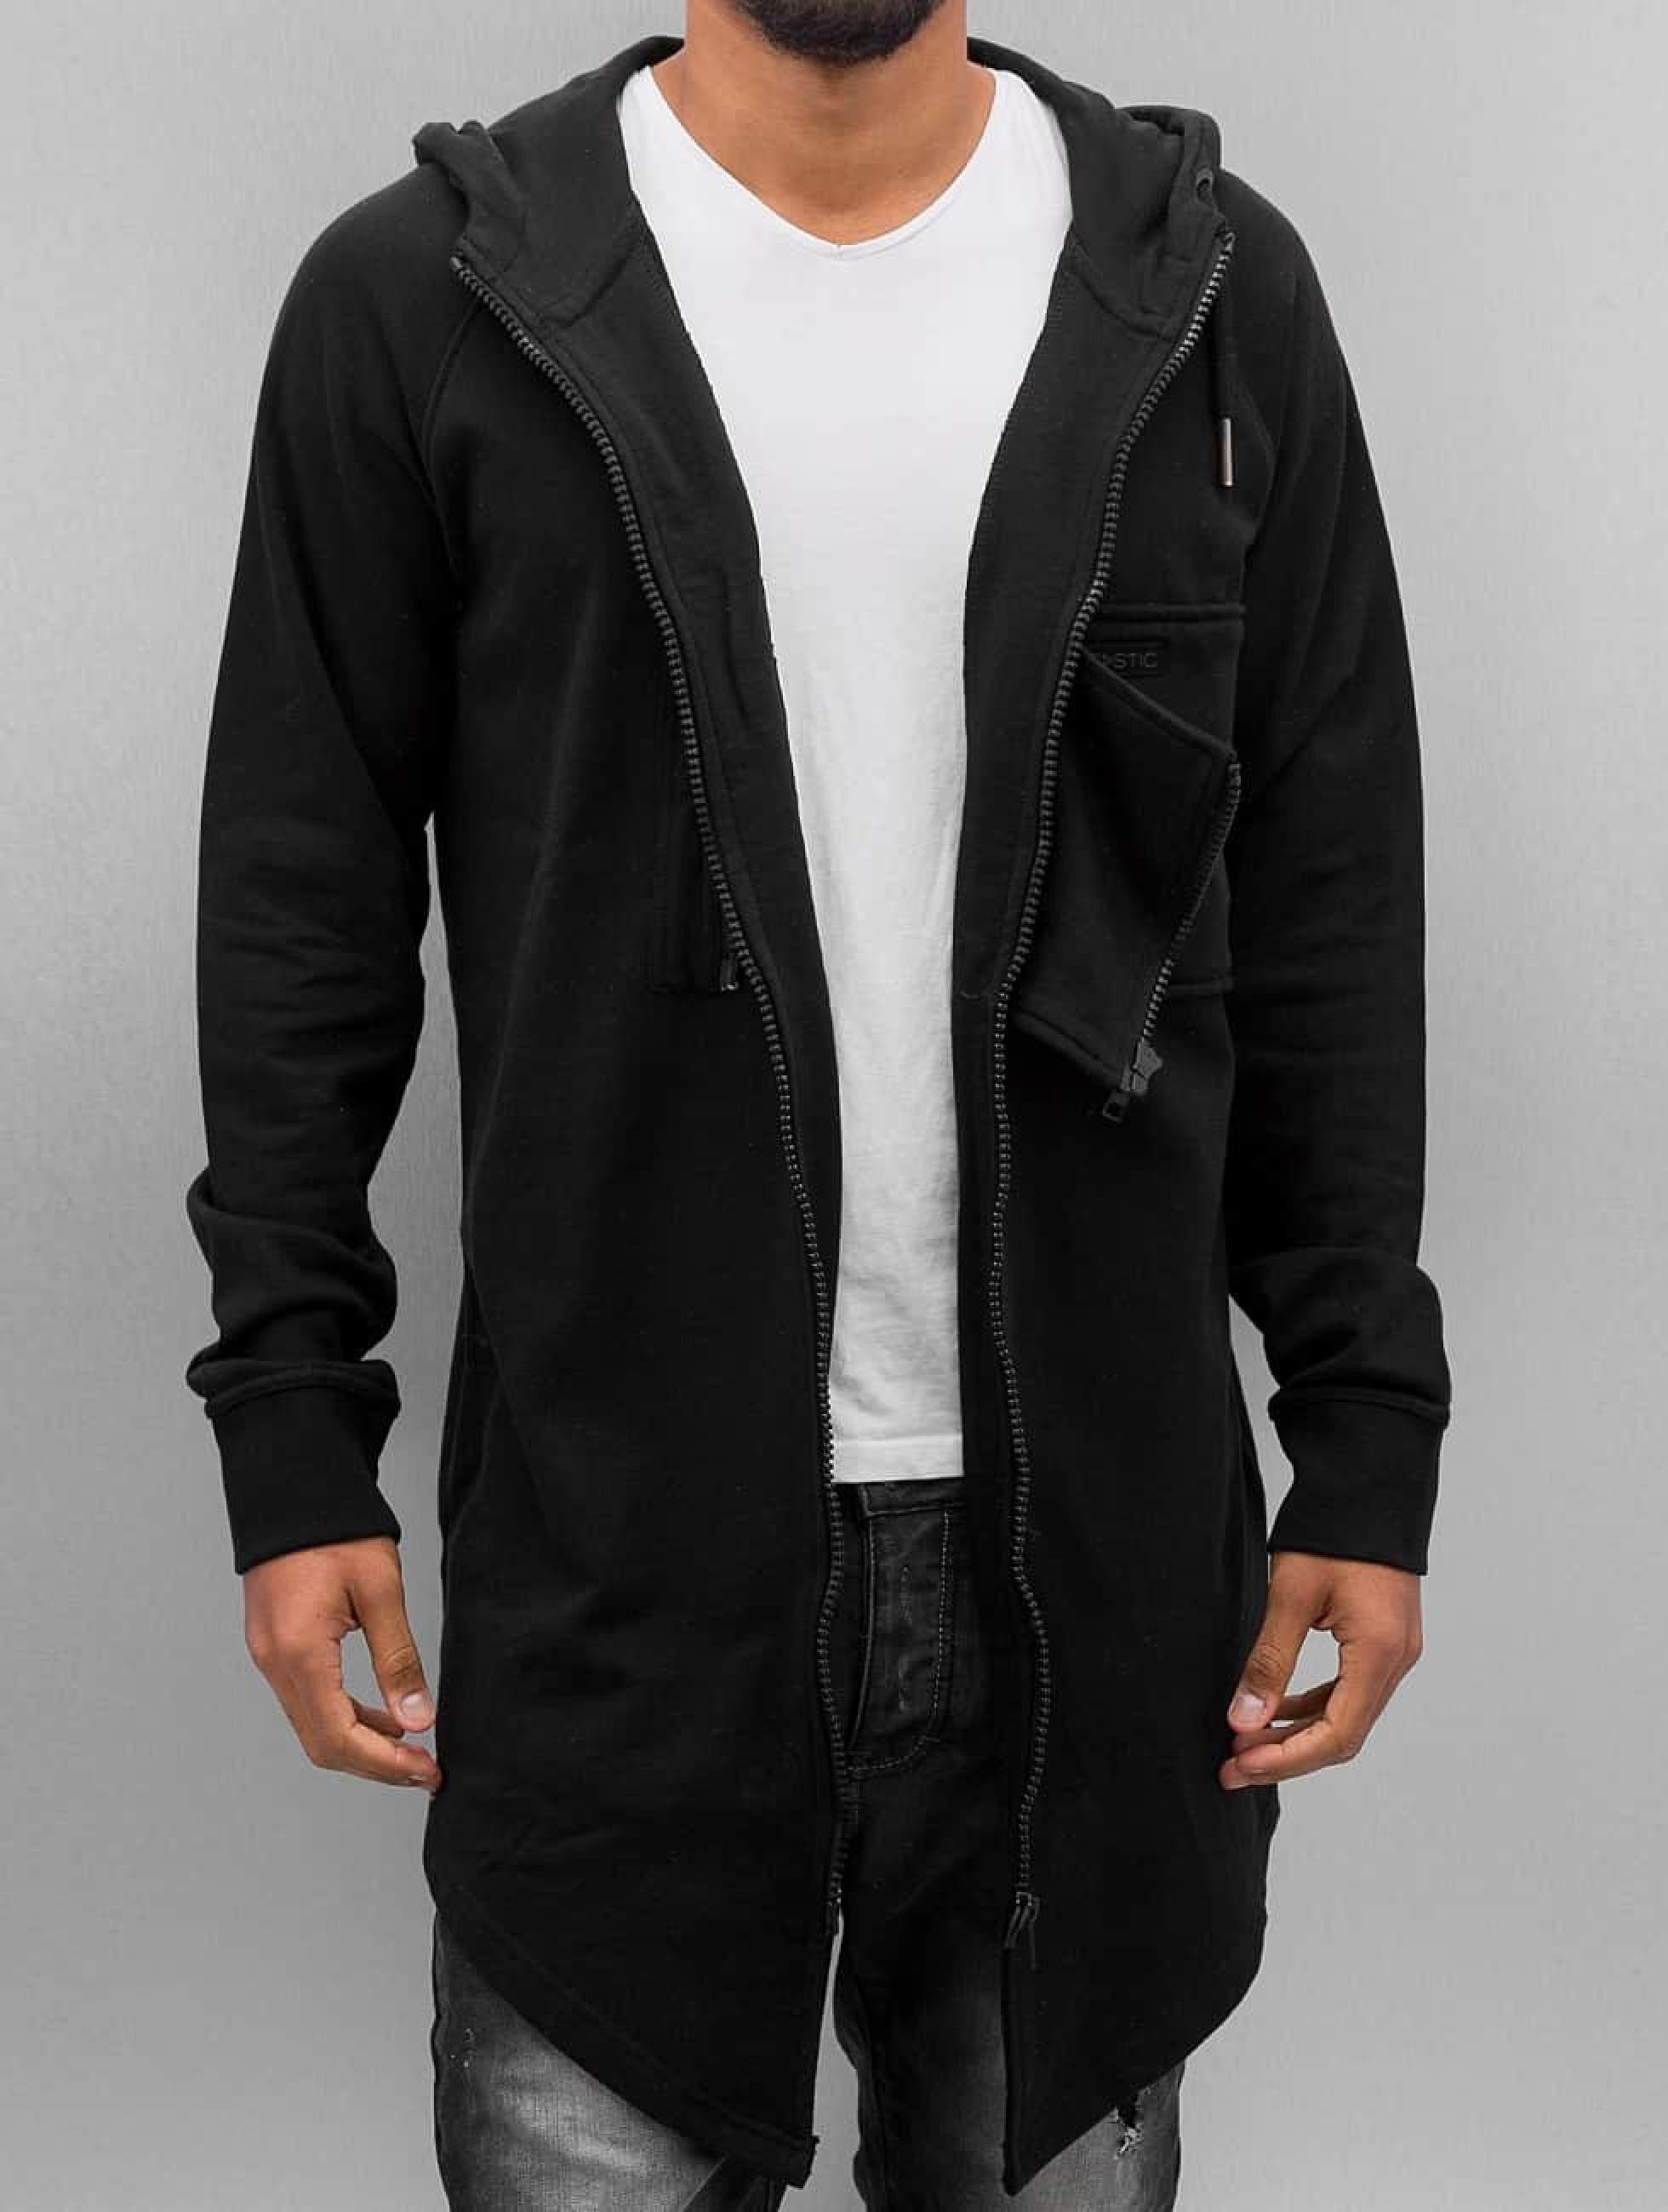 Bangastic / Zip Hoodie Cannes in black S